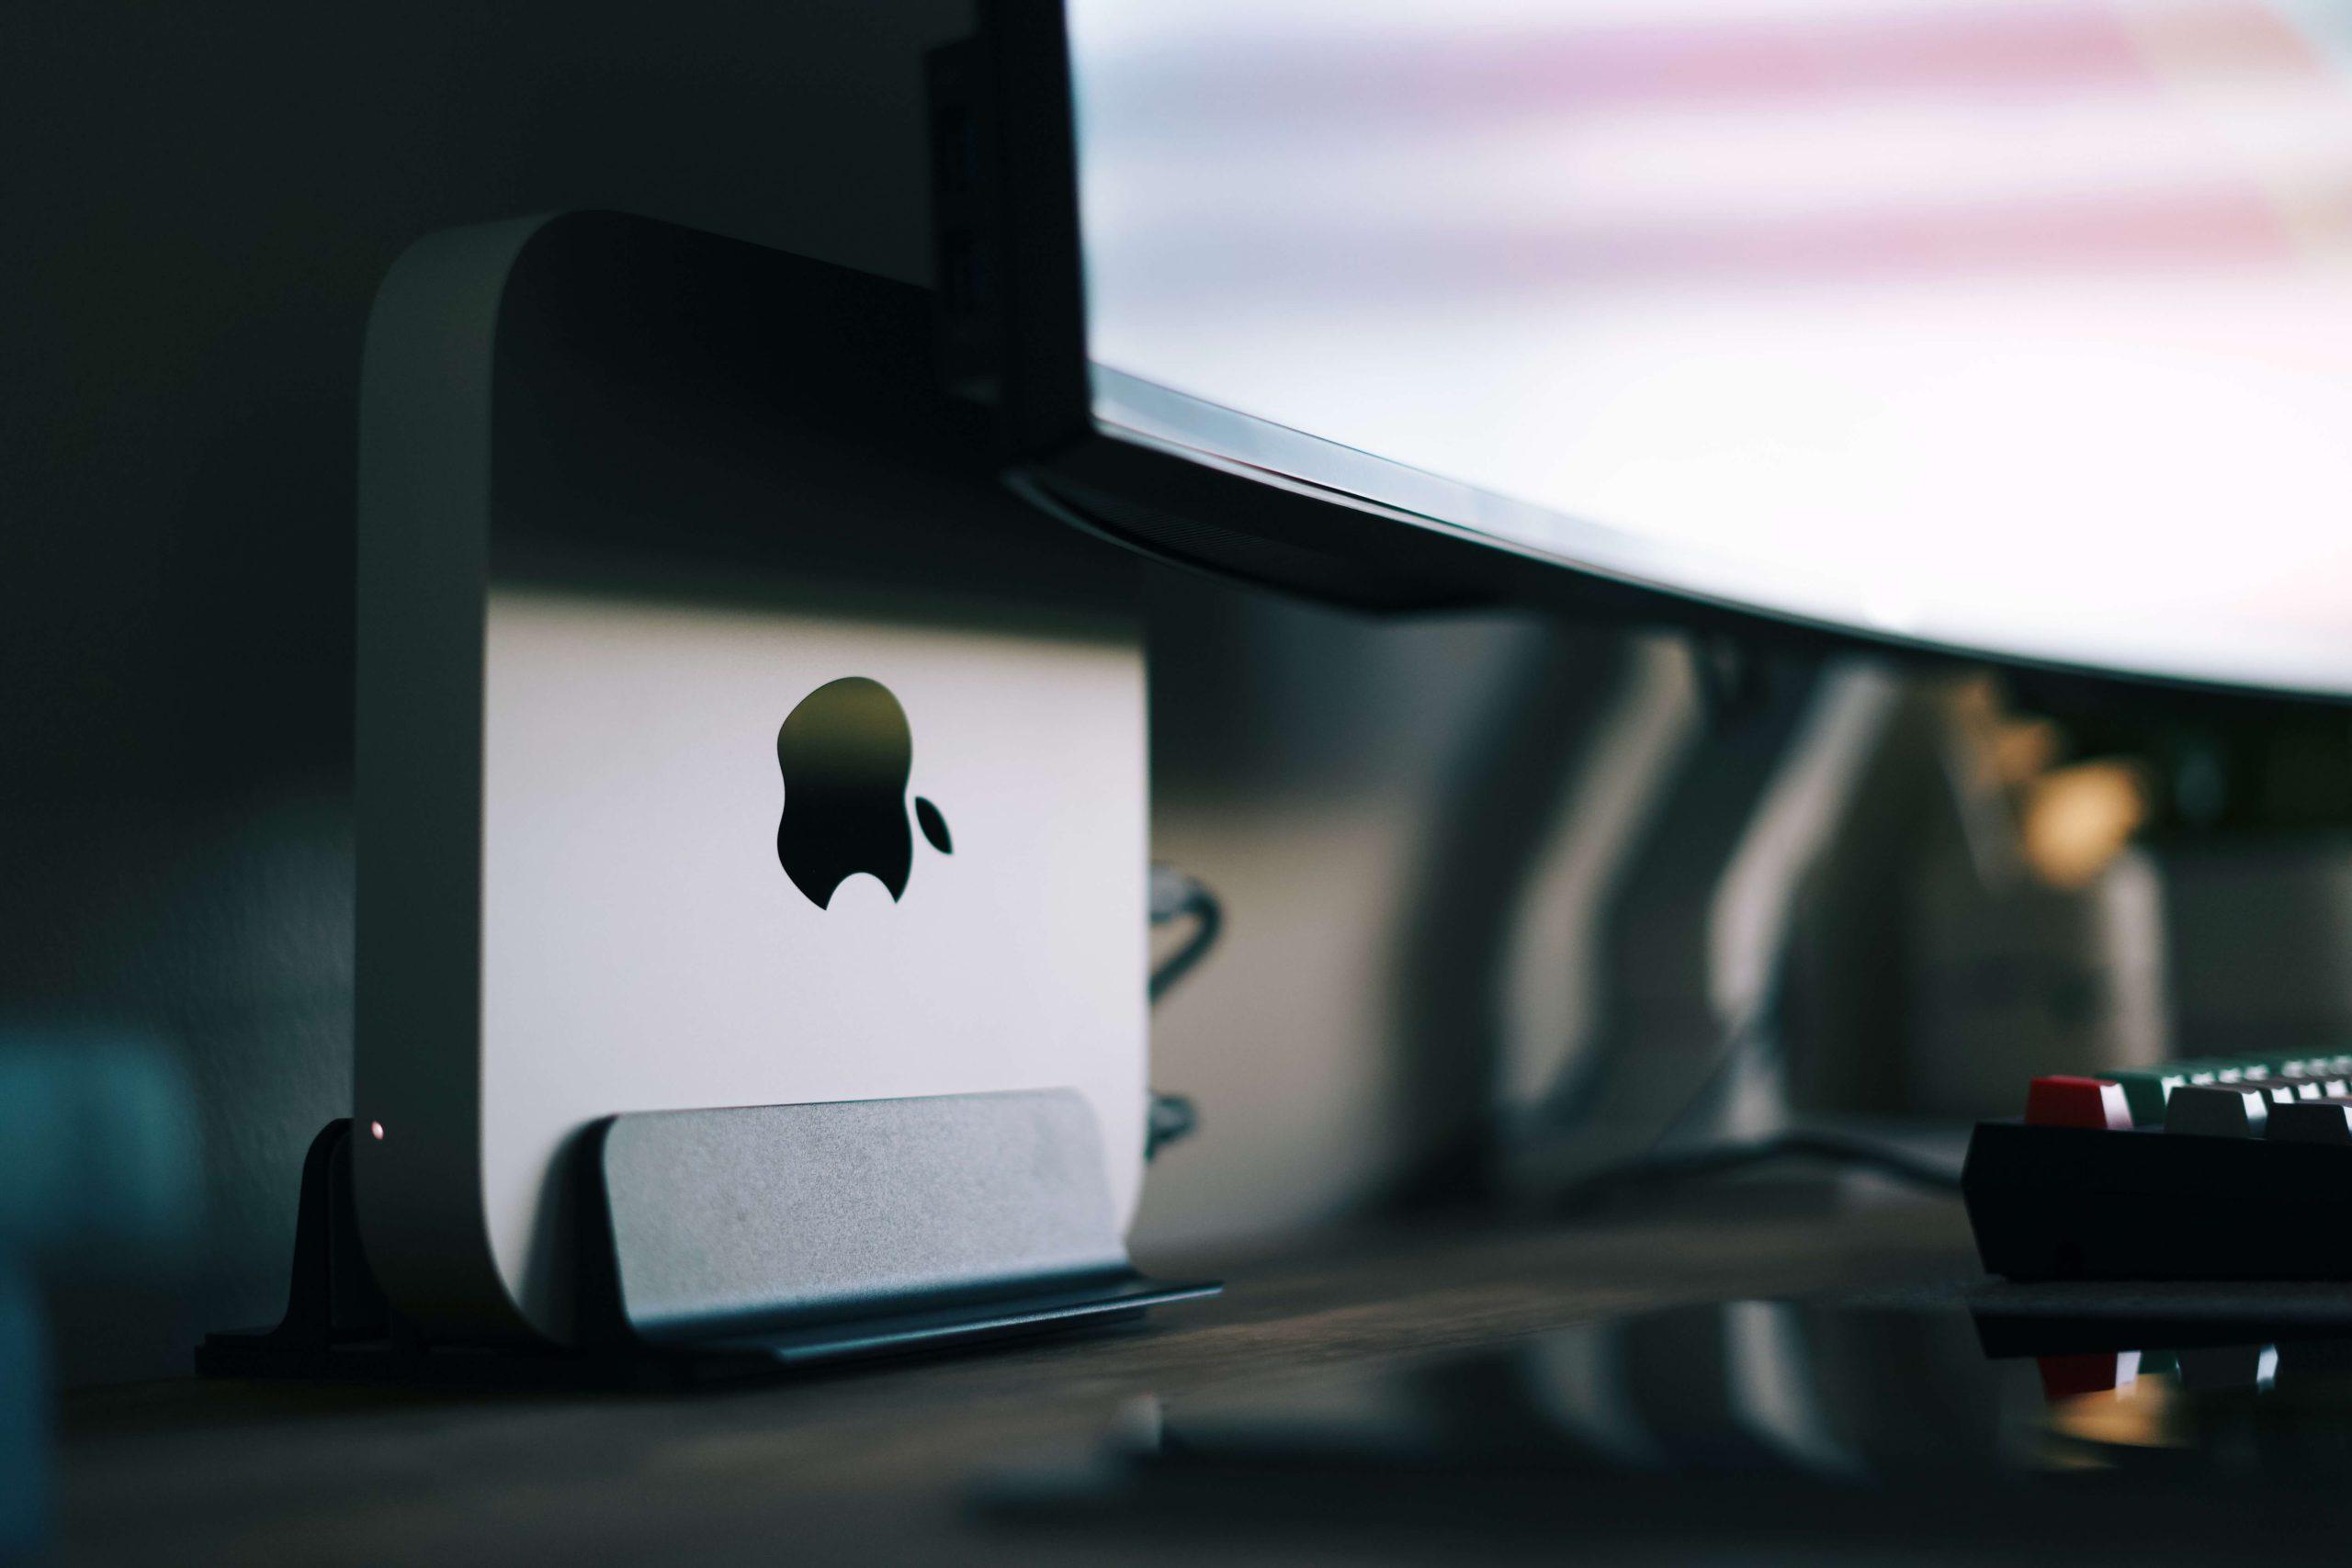 Best Monitor for Mac Mini (M1) in 2021 4K, Ultra wide